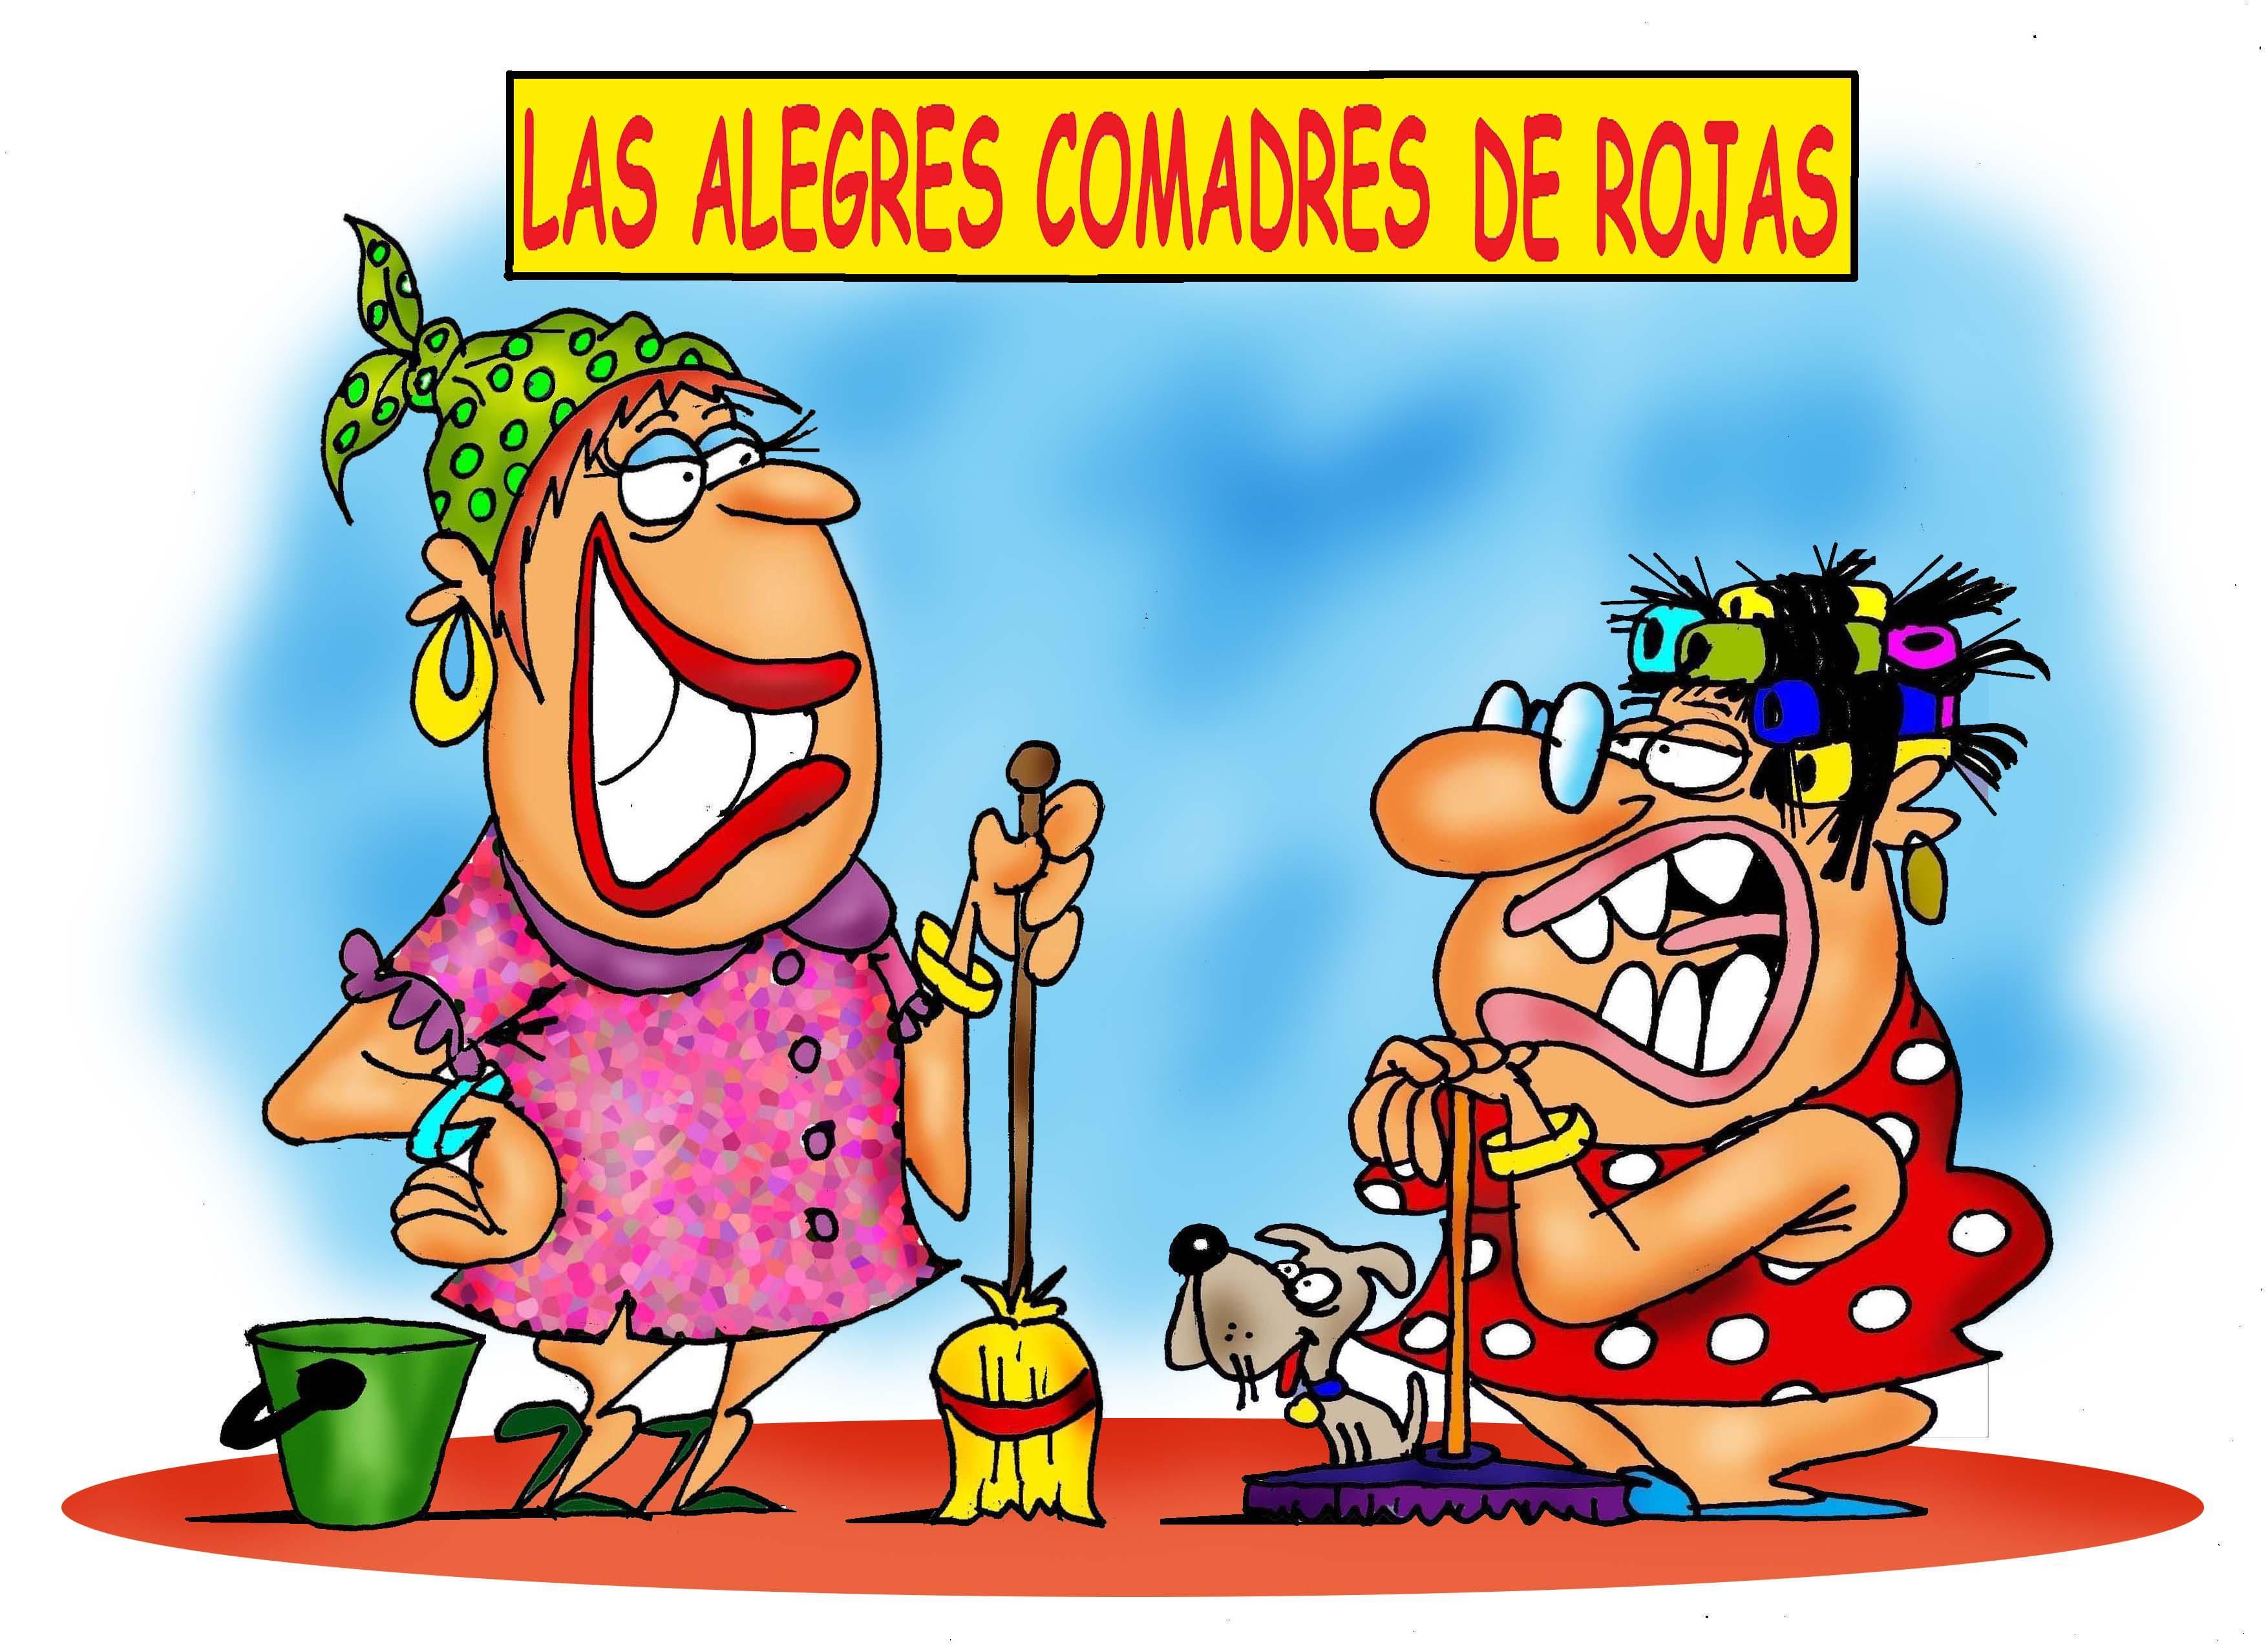 Las alegres comadres de Rojas: El Mandamás, la secretaria y la hermana de la secretaria